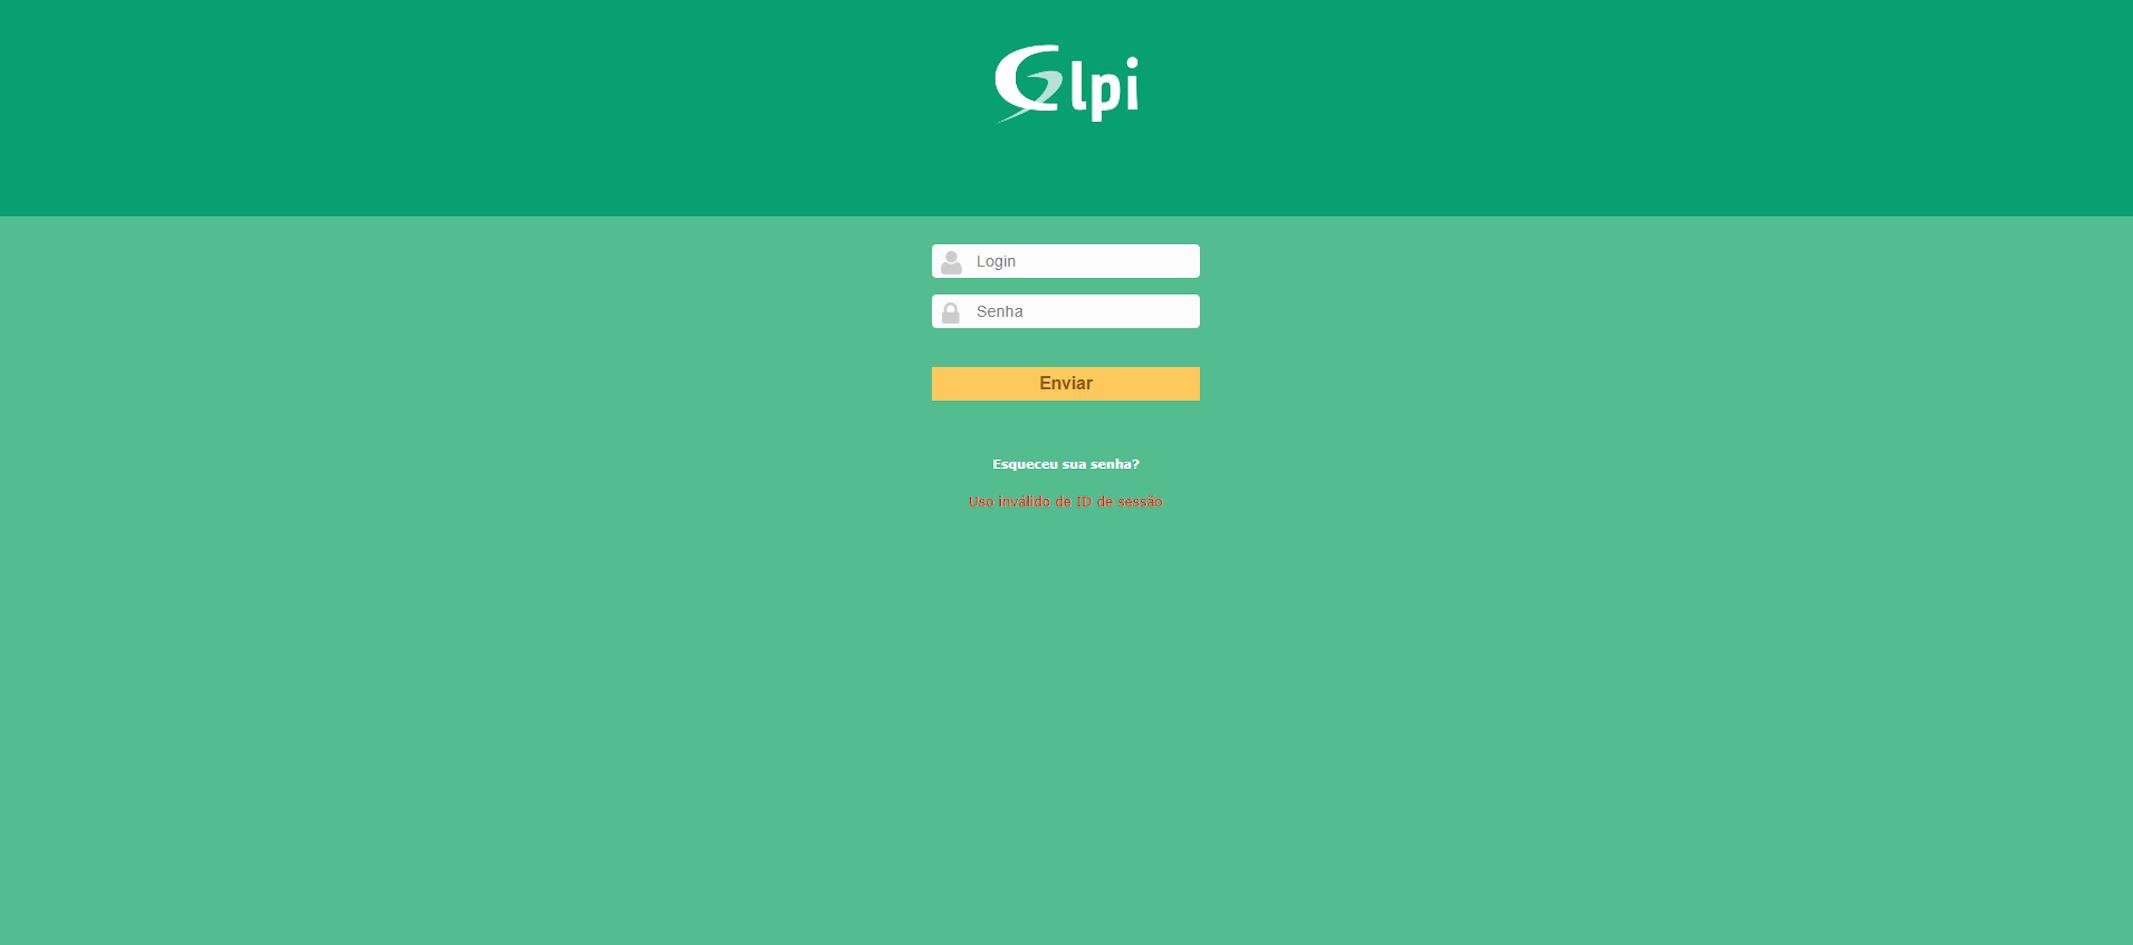 Chamados para manutenção serão atendidos somente pelo GLPI